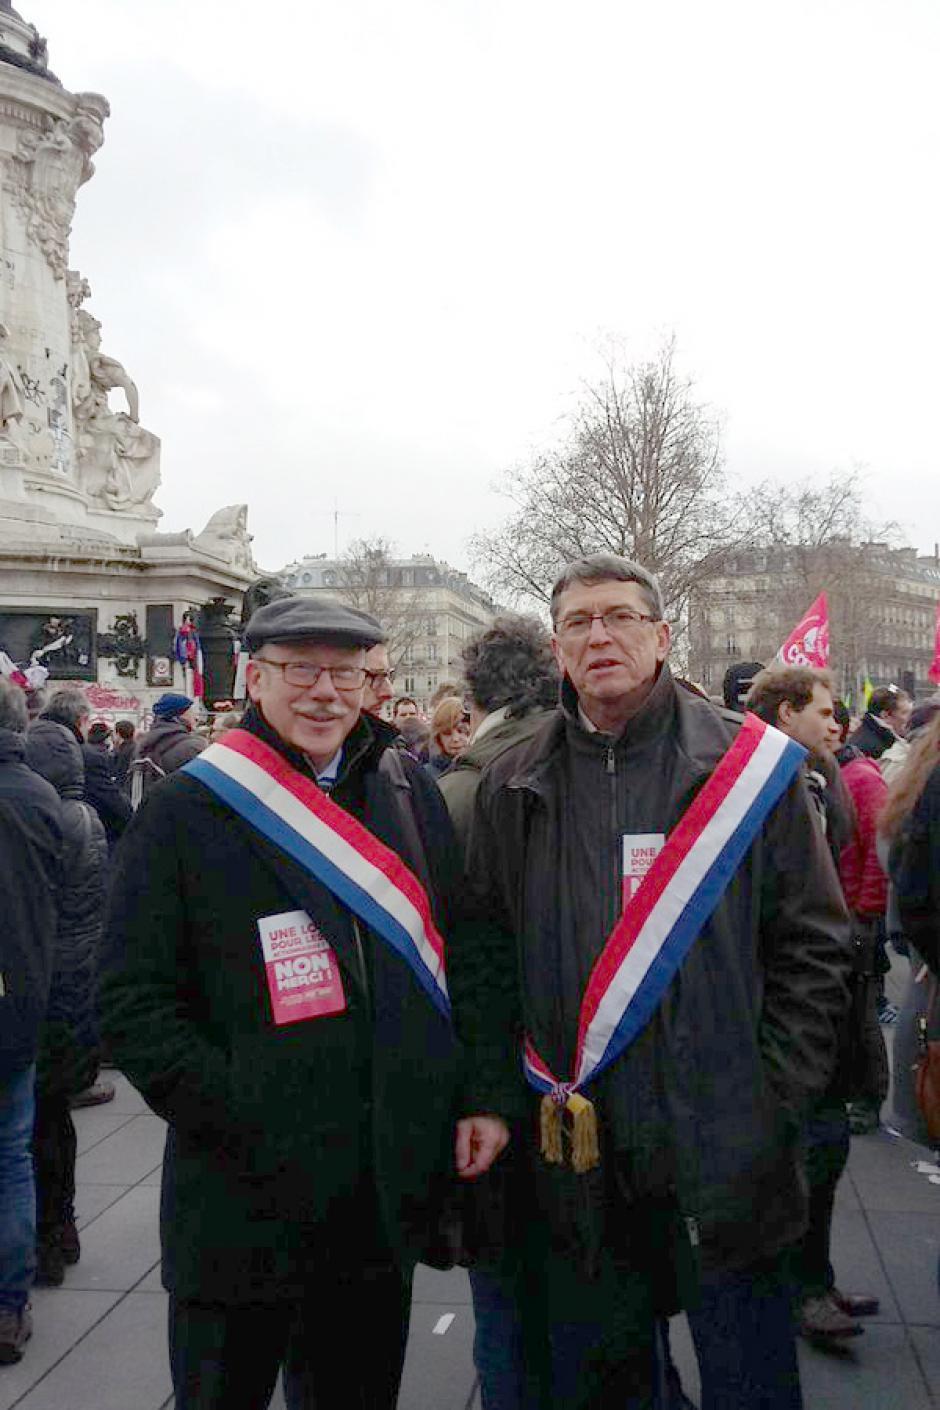 Retrait du projet de loi El Khomri ! Tous ensemble pour construire une alternative-Avec Jean-Pierre Bosino et Dominique Watrin - Paris, 9 mars 2016